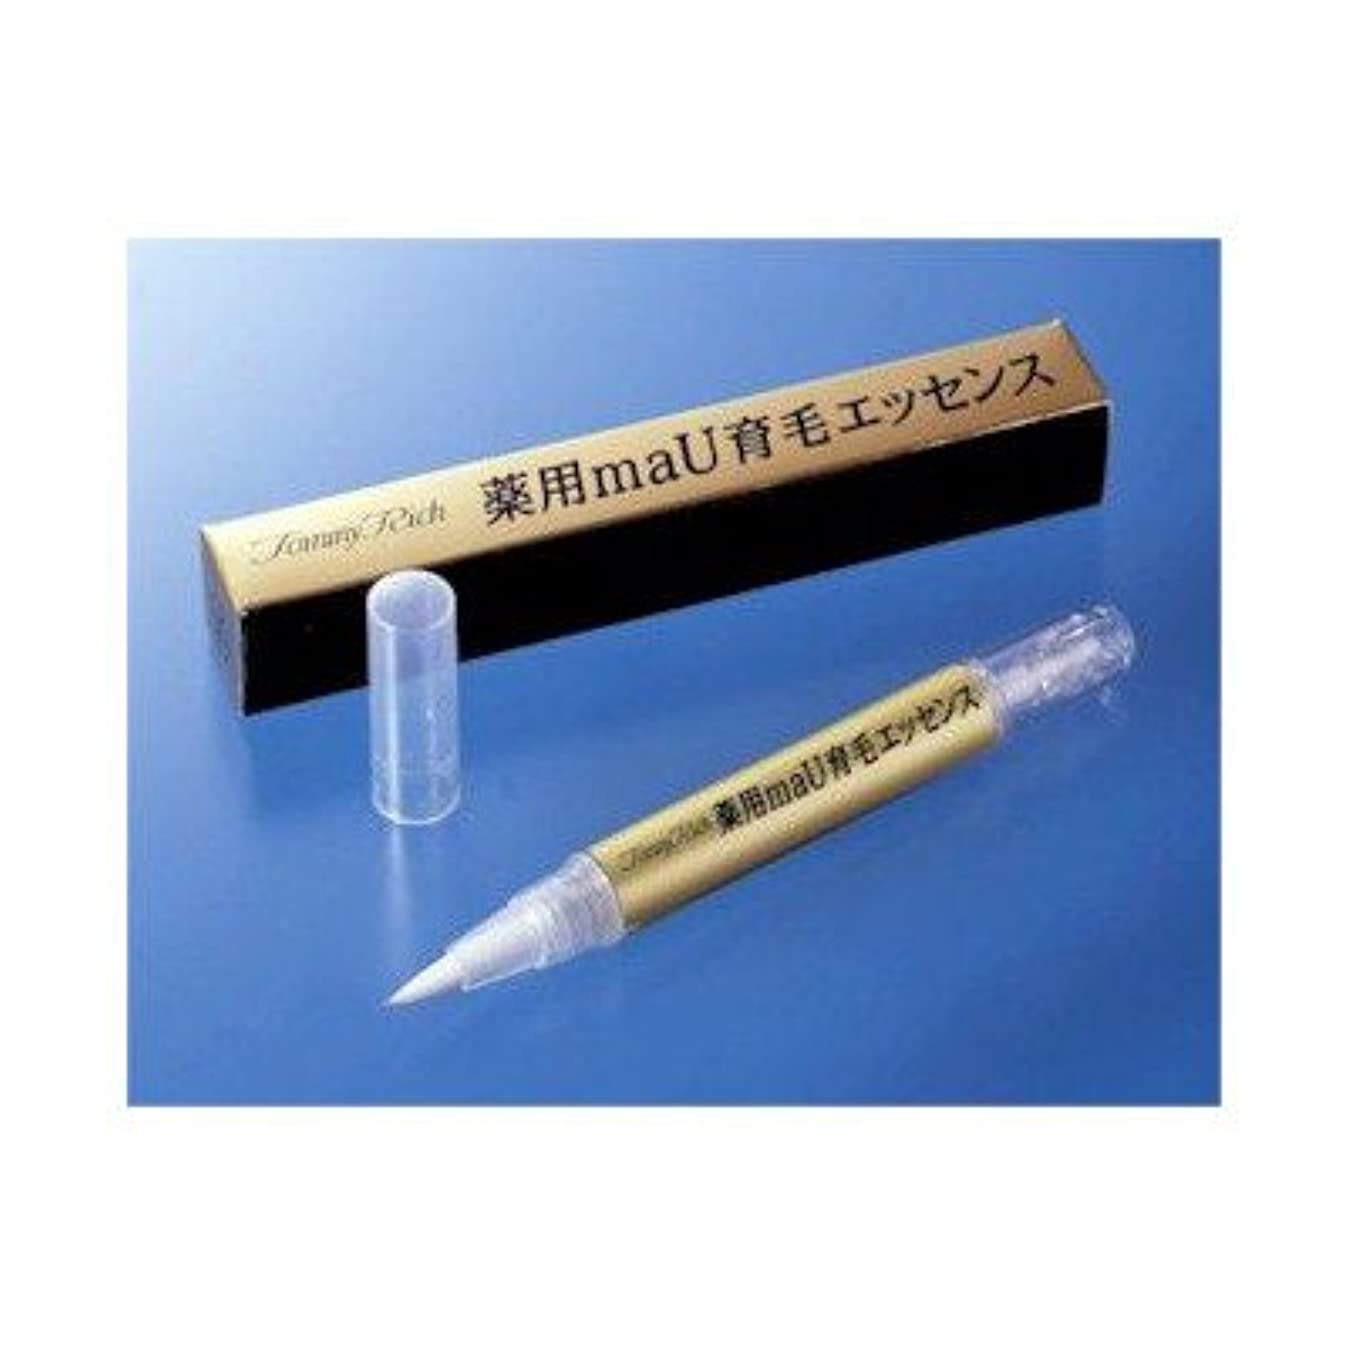 ひらめき累積レイアトミーリッチ薬用maU育毛エッセンス(医薬部外品)2本セット